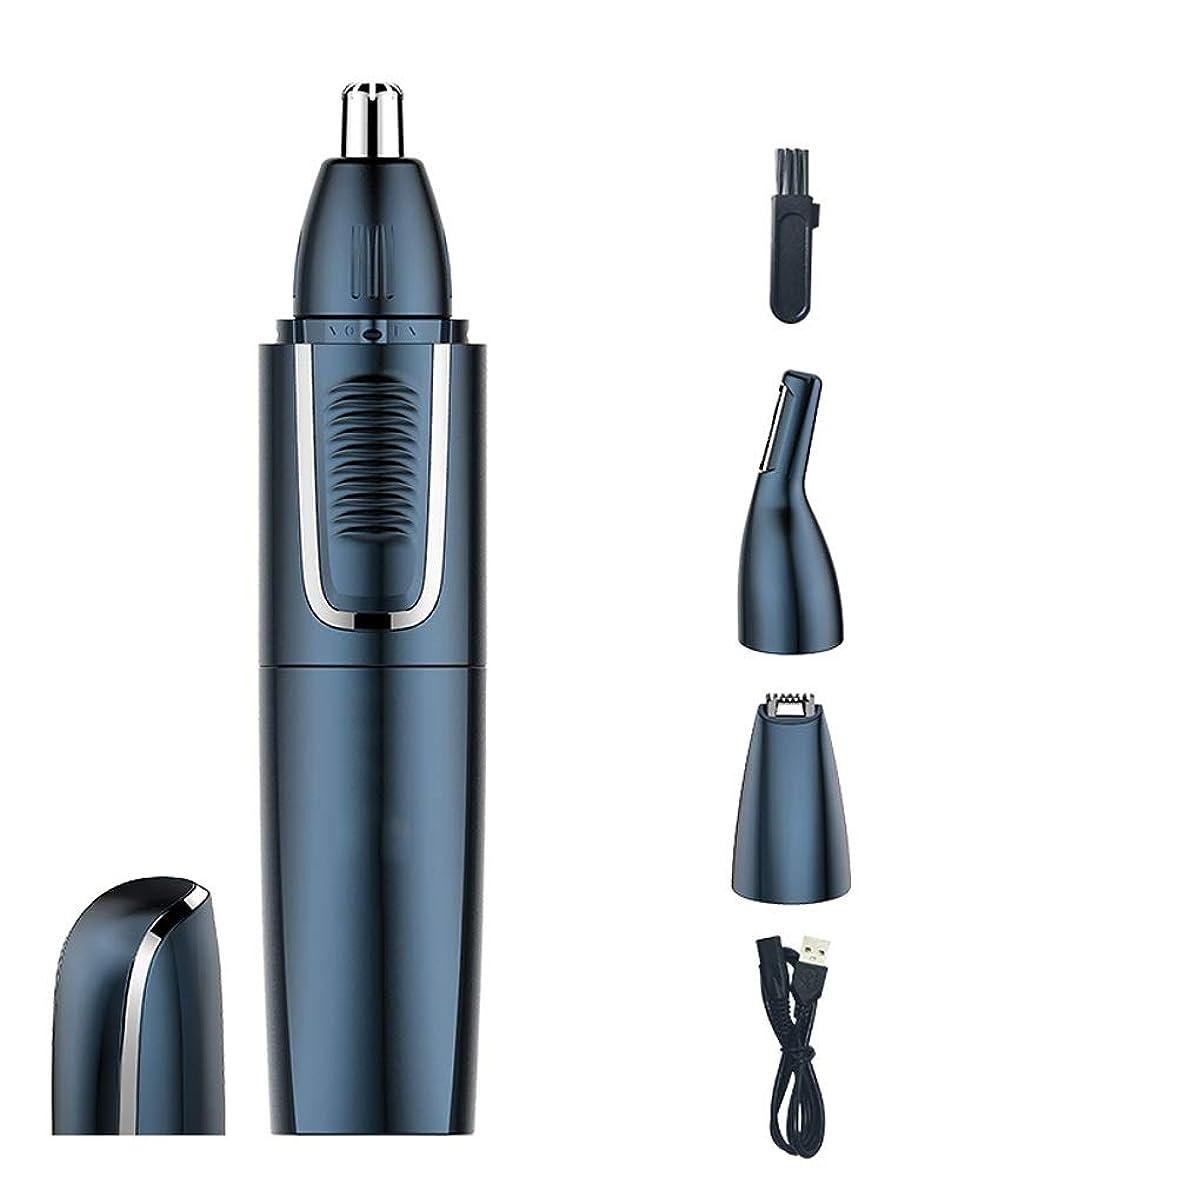 ヨーロッパ流暢水曜日鼻毛トリマー-安全マニュアルステンレススチールメンズラウンドヘッドハサミ/多機能鼻毛トリマー/ 360°垂直ネットカッターヘッド/高さ135mm 持つ価値があります